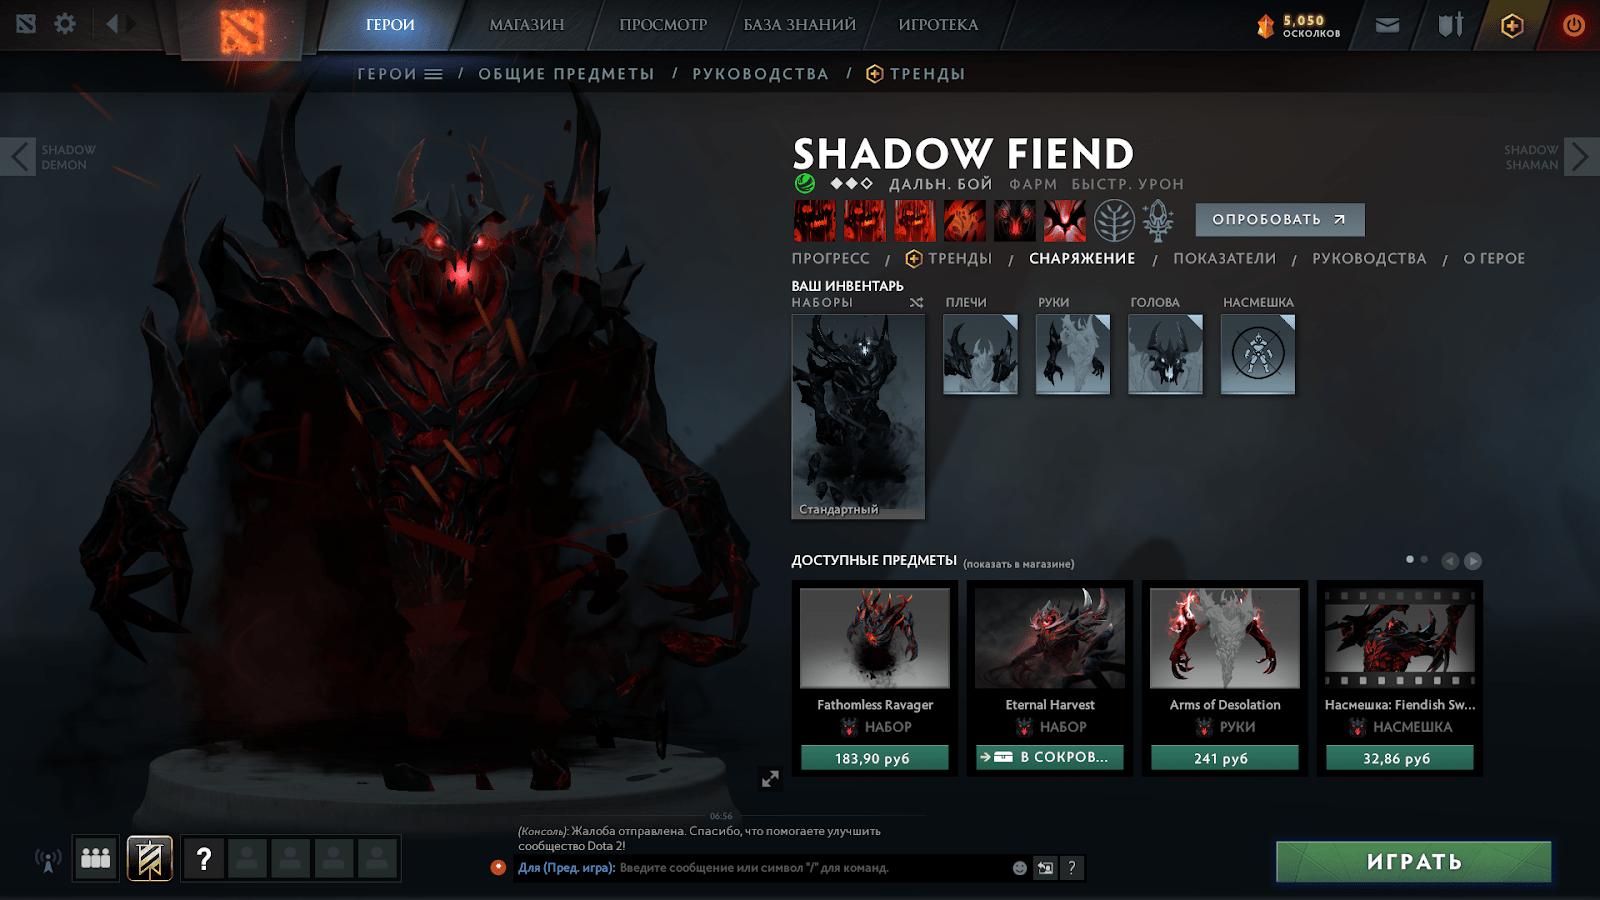 Shadow Fiend гайд по самому мрачному герою Dota 2